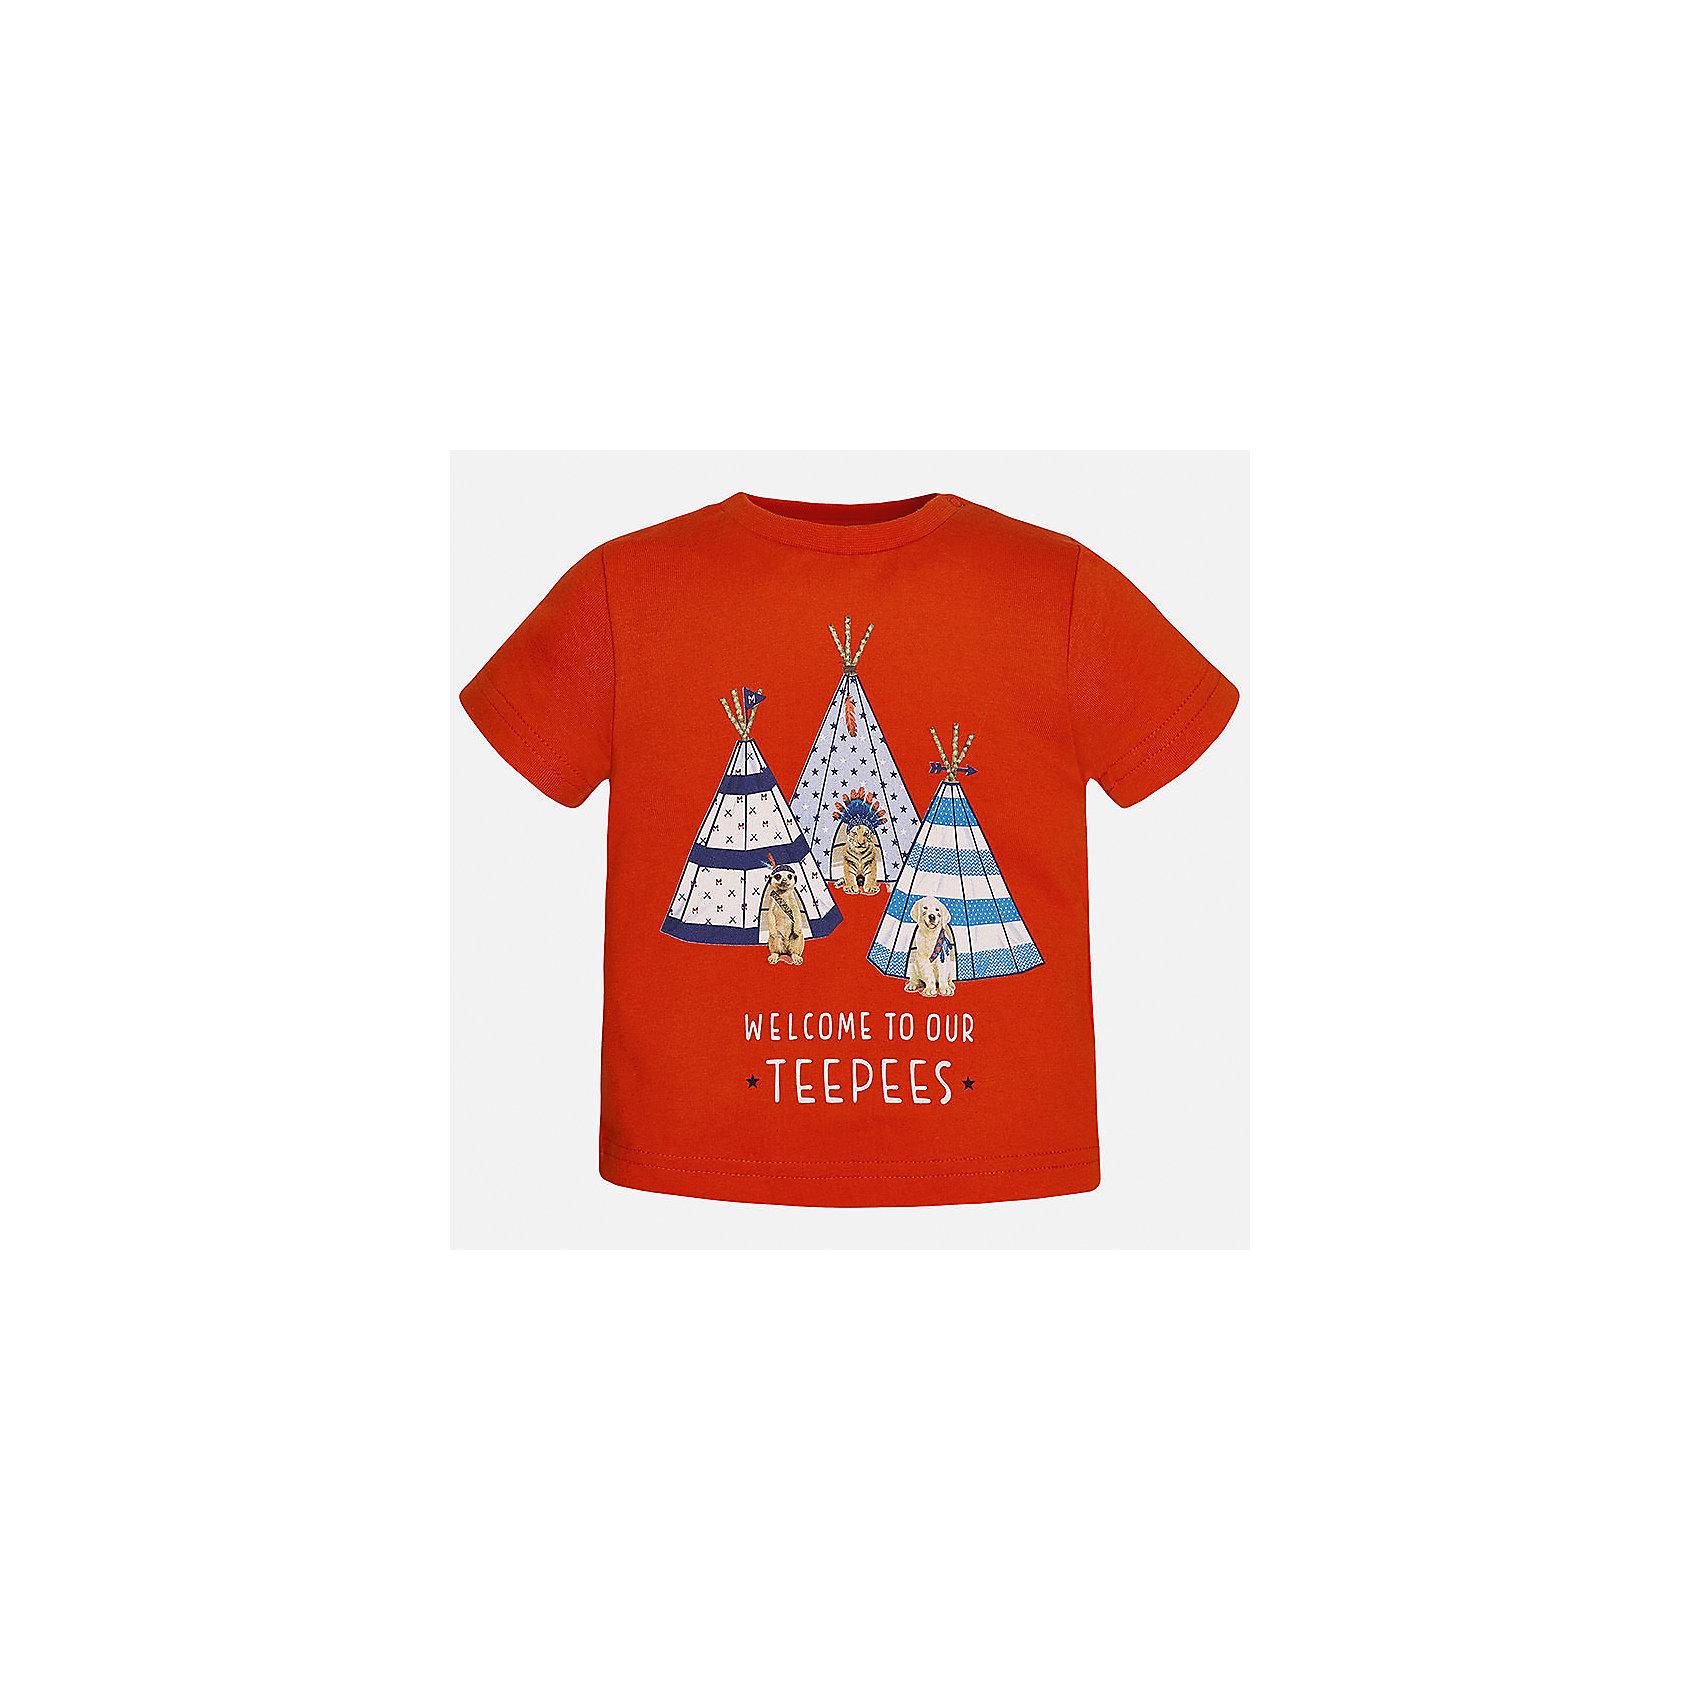 Футболка для мальчика MayoralФутболки, поло и топы<br>Характеристики товара:<br><br>• цвет: красный<br>• состав: 100% хлопок<br>• круглый горловой вырез<br>• декорирована принтом<br>• короткие рукава<br>• мягкая отделка горловины<br>• страна бренда: Испания<br><br>Стильная удобная футболка с принтом поможет разнообразить гардероб мальчика. Она отлично сочетается с брюками, шортами, джинсами. Универсальный крой и цвет позволяет подобрать к вещи низ разных расцветок. Практичное и стильное изделие! Хорошо смотрится и комфортно сидит на детях. В составе материала - натуральный хлопок, гипоаллергенный, приятный на ощупь, дышащий. <br><br>Одежда, обувь и аксессуары от испанского бренда Mayoral полюбились детям и взрослым по всему миру. Модели этой марки - стильные и удобные. Для их производства используются только безопасные, качественные материалы и фурнитура. Порадуйте ребенка модными и красивыми вещами от Mayoral! <br><br>Футболку для мальчика от испанского бренда Mayoral (Майорал) можно купить в нашем интернет-магазине.<br><br>Ширина мм: 199<br>Глубина мм: 10<br>Высота мм: 161<br>Вес г: 151<br>Цвет: красный<br>Возраст от месяцев: 12<br>Возраст до месяцев: 15<br>Пол: Мужской<br>Возраст: Детский<br>Размер: 80,86,92<br>SKU: 5278409